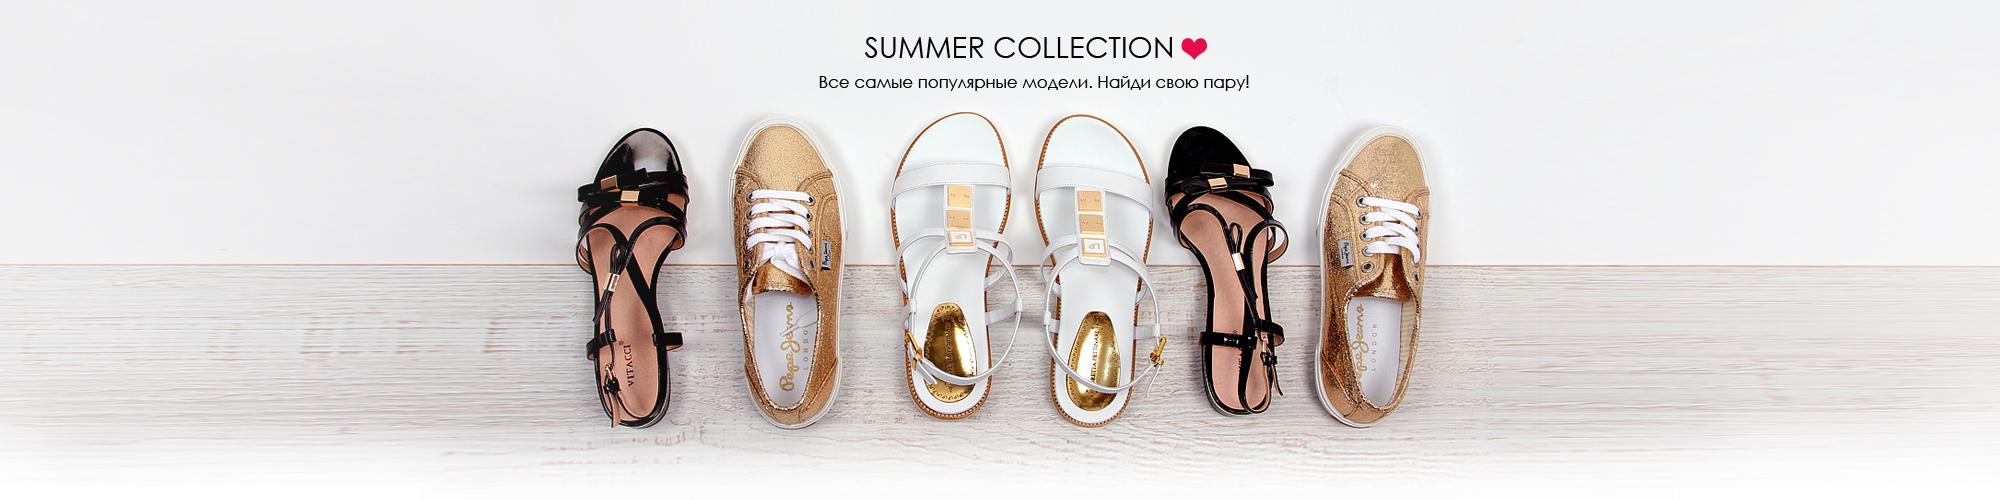 Модные новинки весна/лето 2016